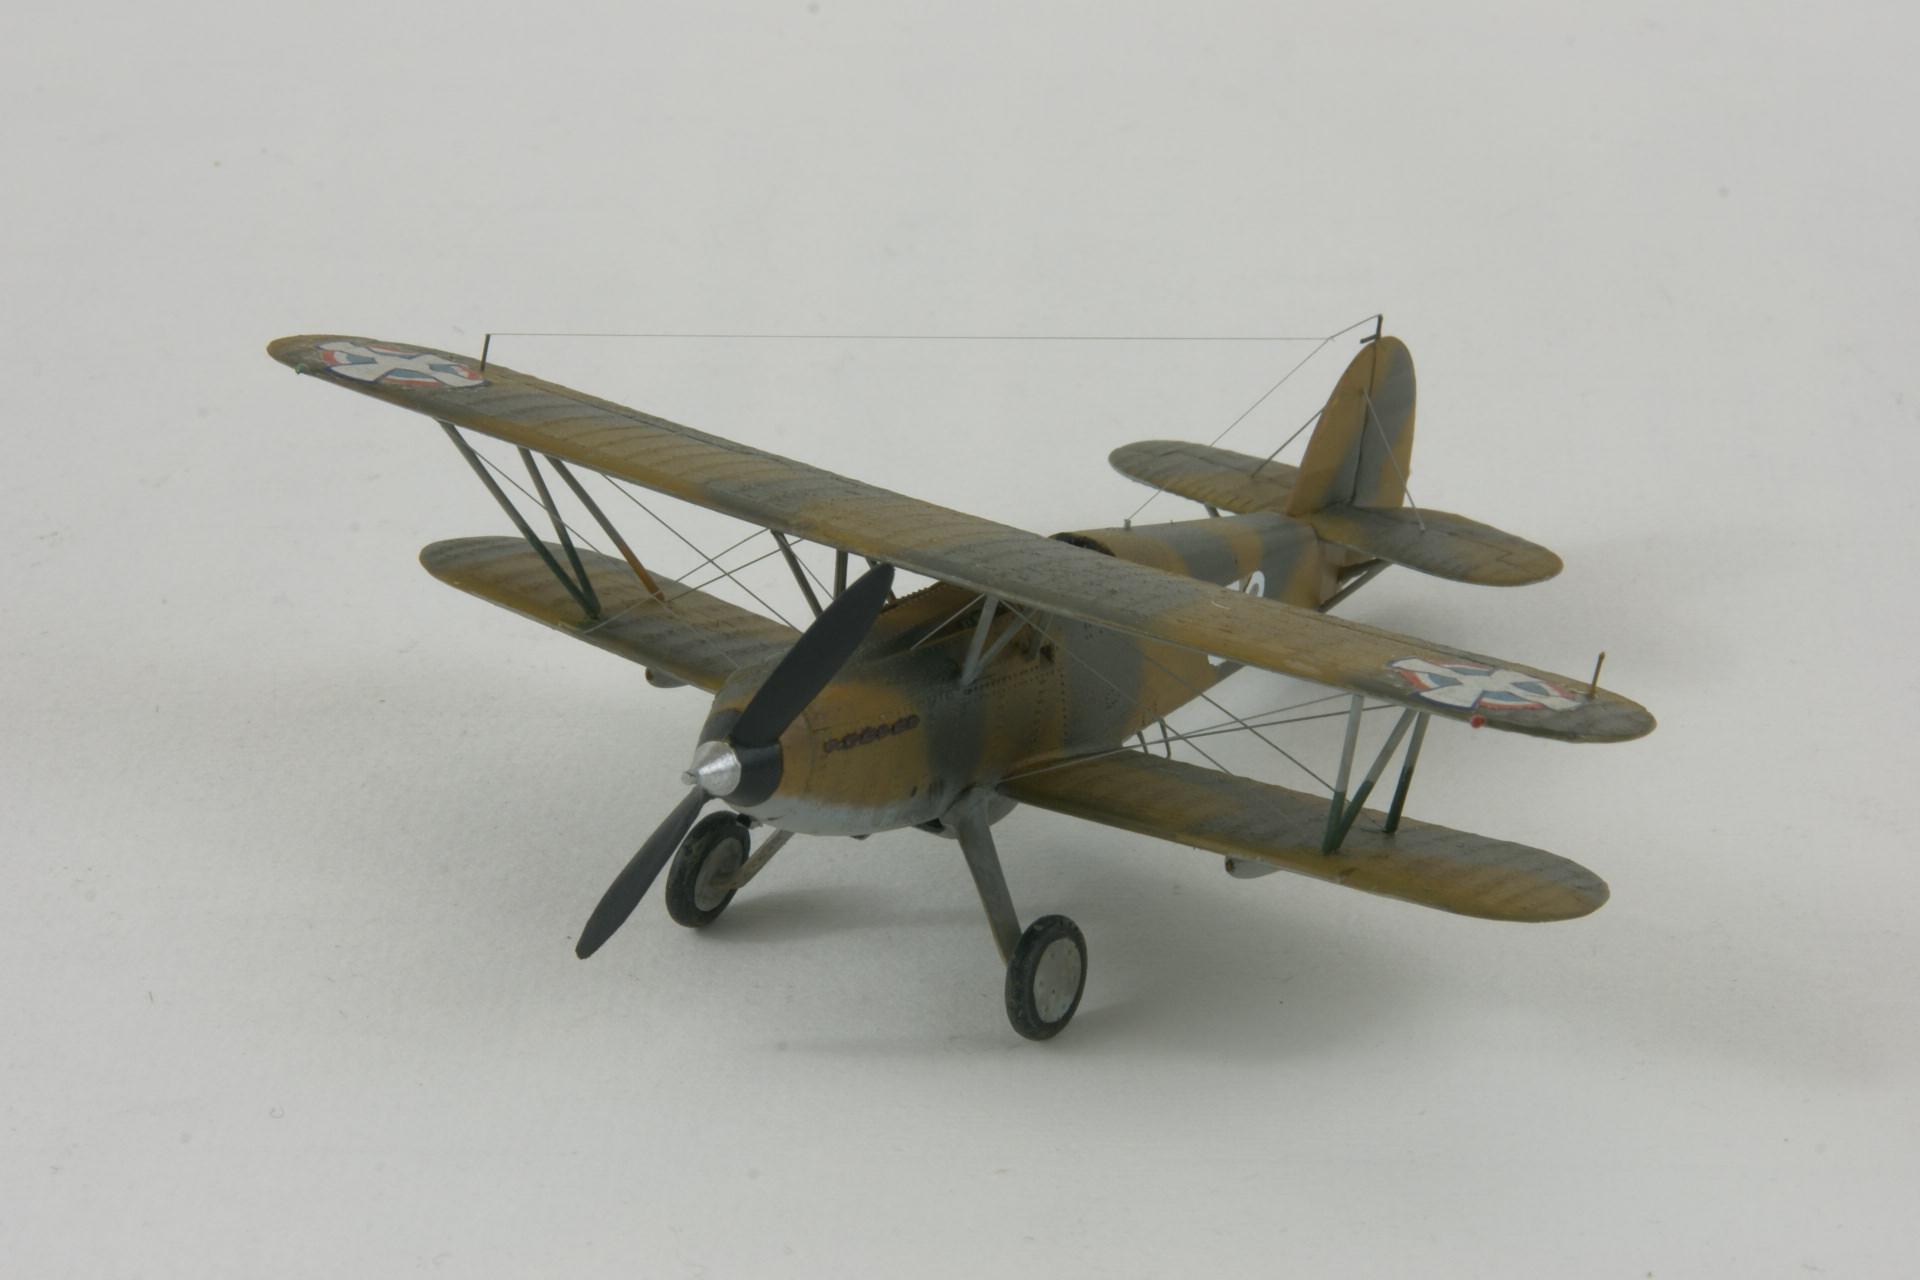 Hawker fury 1 1